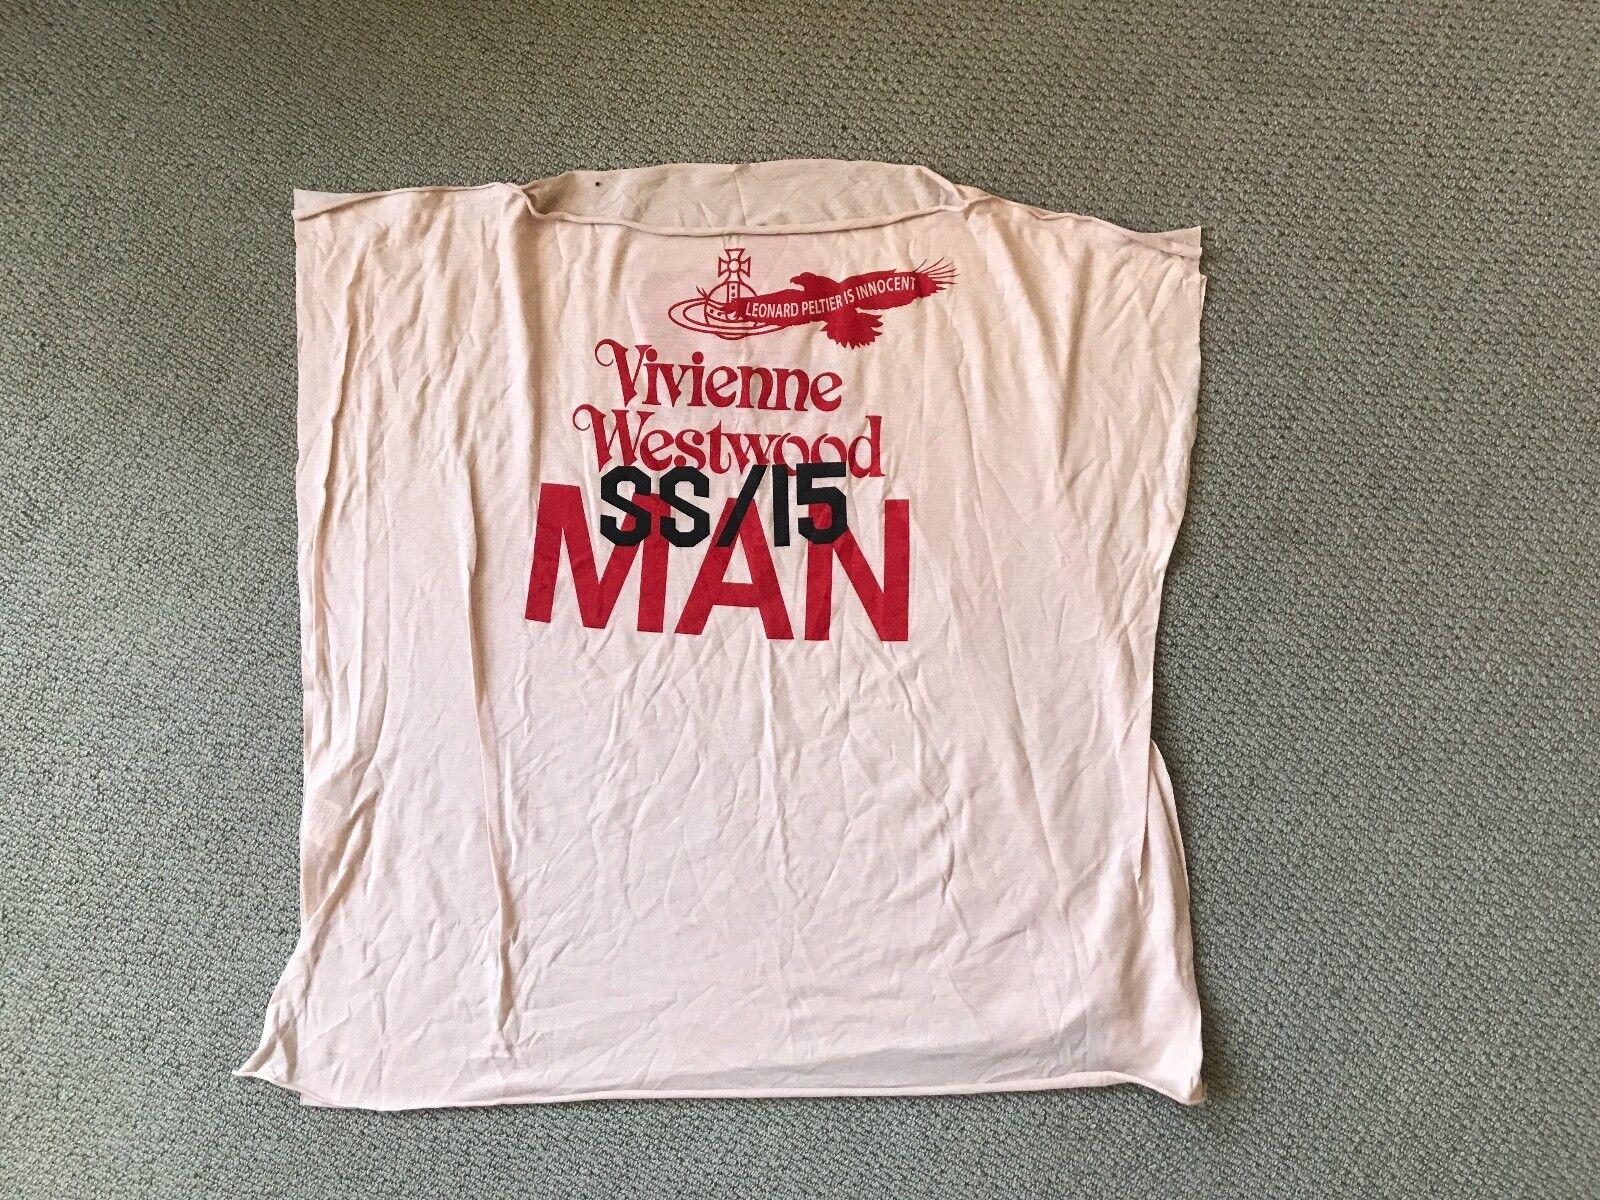 2015 Vivienne Westwood Man's Teeshirt